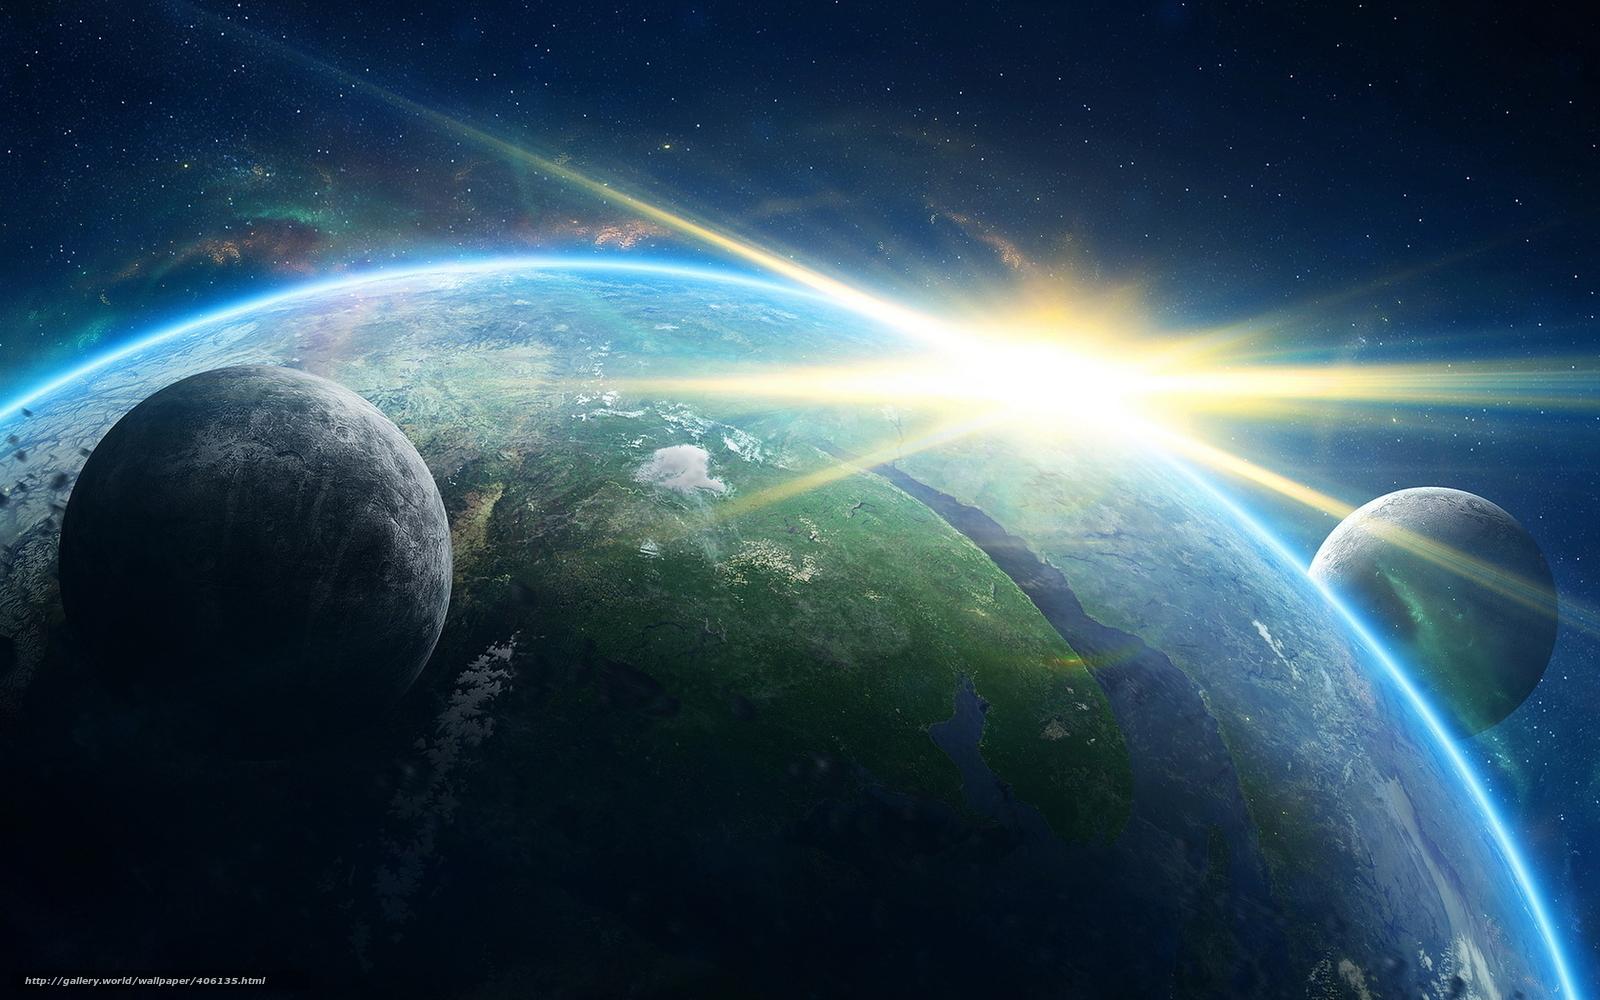 Скачать обои космос земля планета